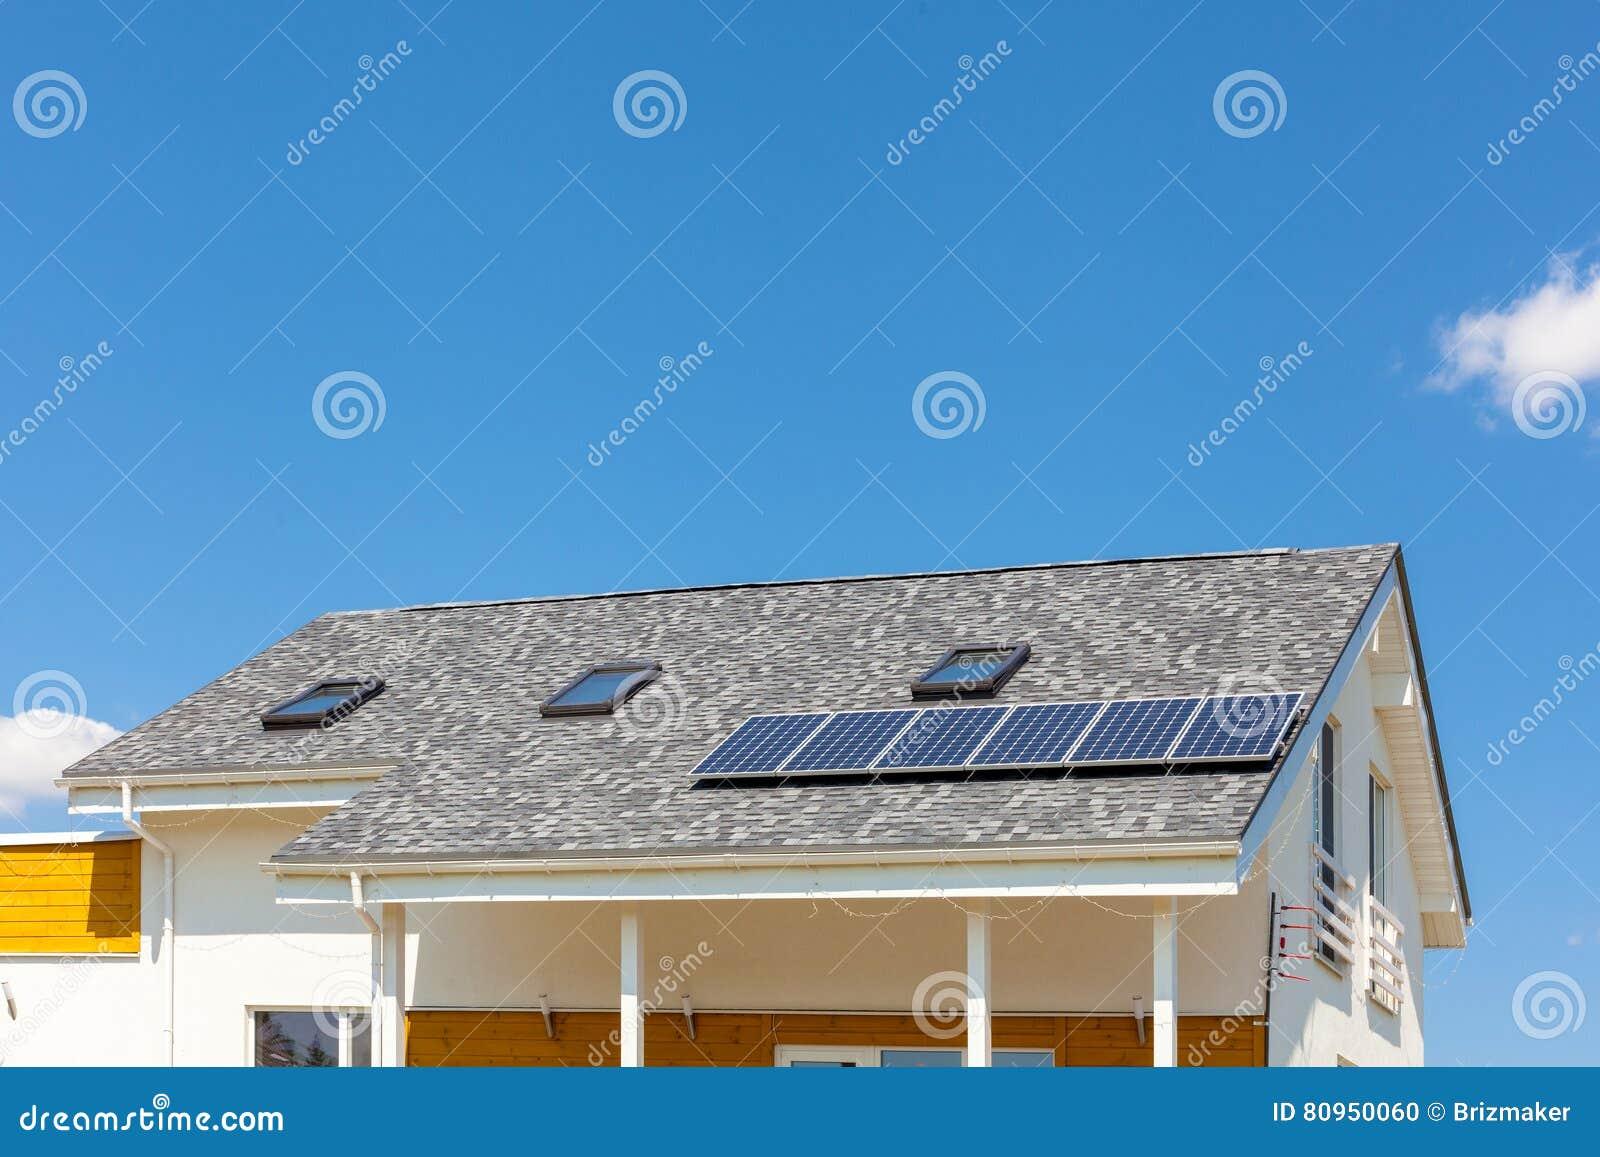 panneau solaire chauffage maison stunning en rsum grce des panneaux solaires nous chauffons une. Black Bedroom Furniture Sets. Home Design Ideas